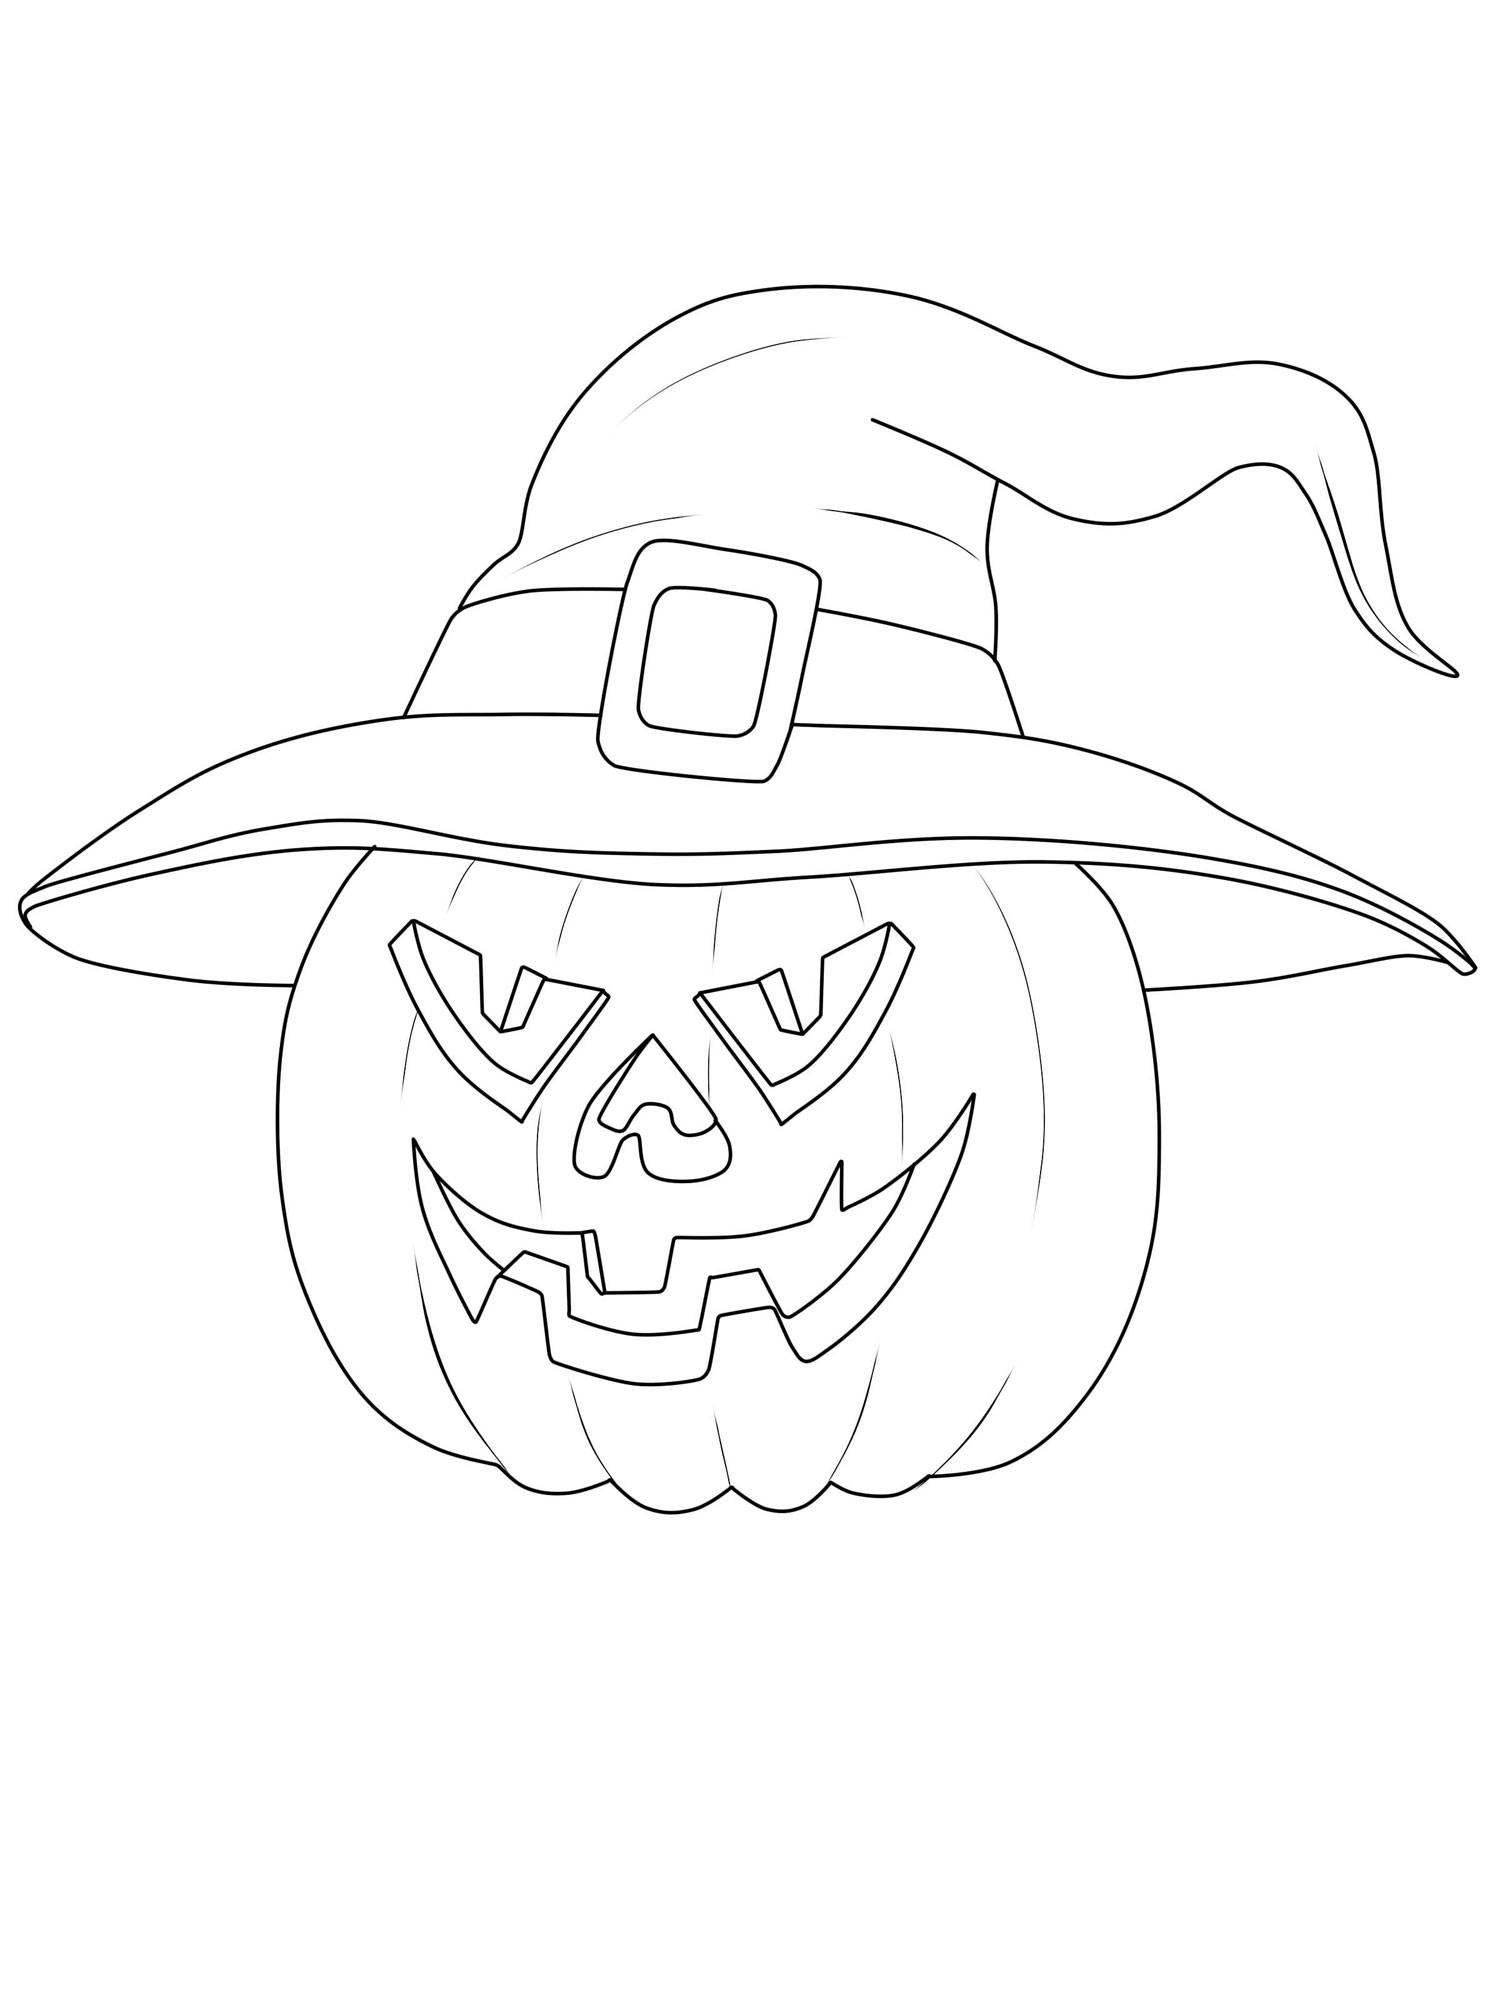 Ausmalbild Halloween: Kürbis-Hexe Ausmalen Kostenlos bei Halloween Ausmalbilder Zum Ausdrucken